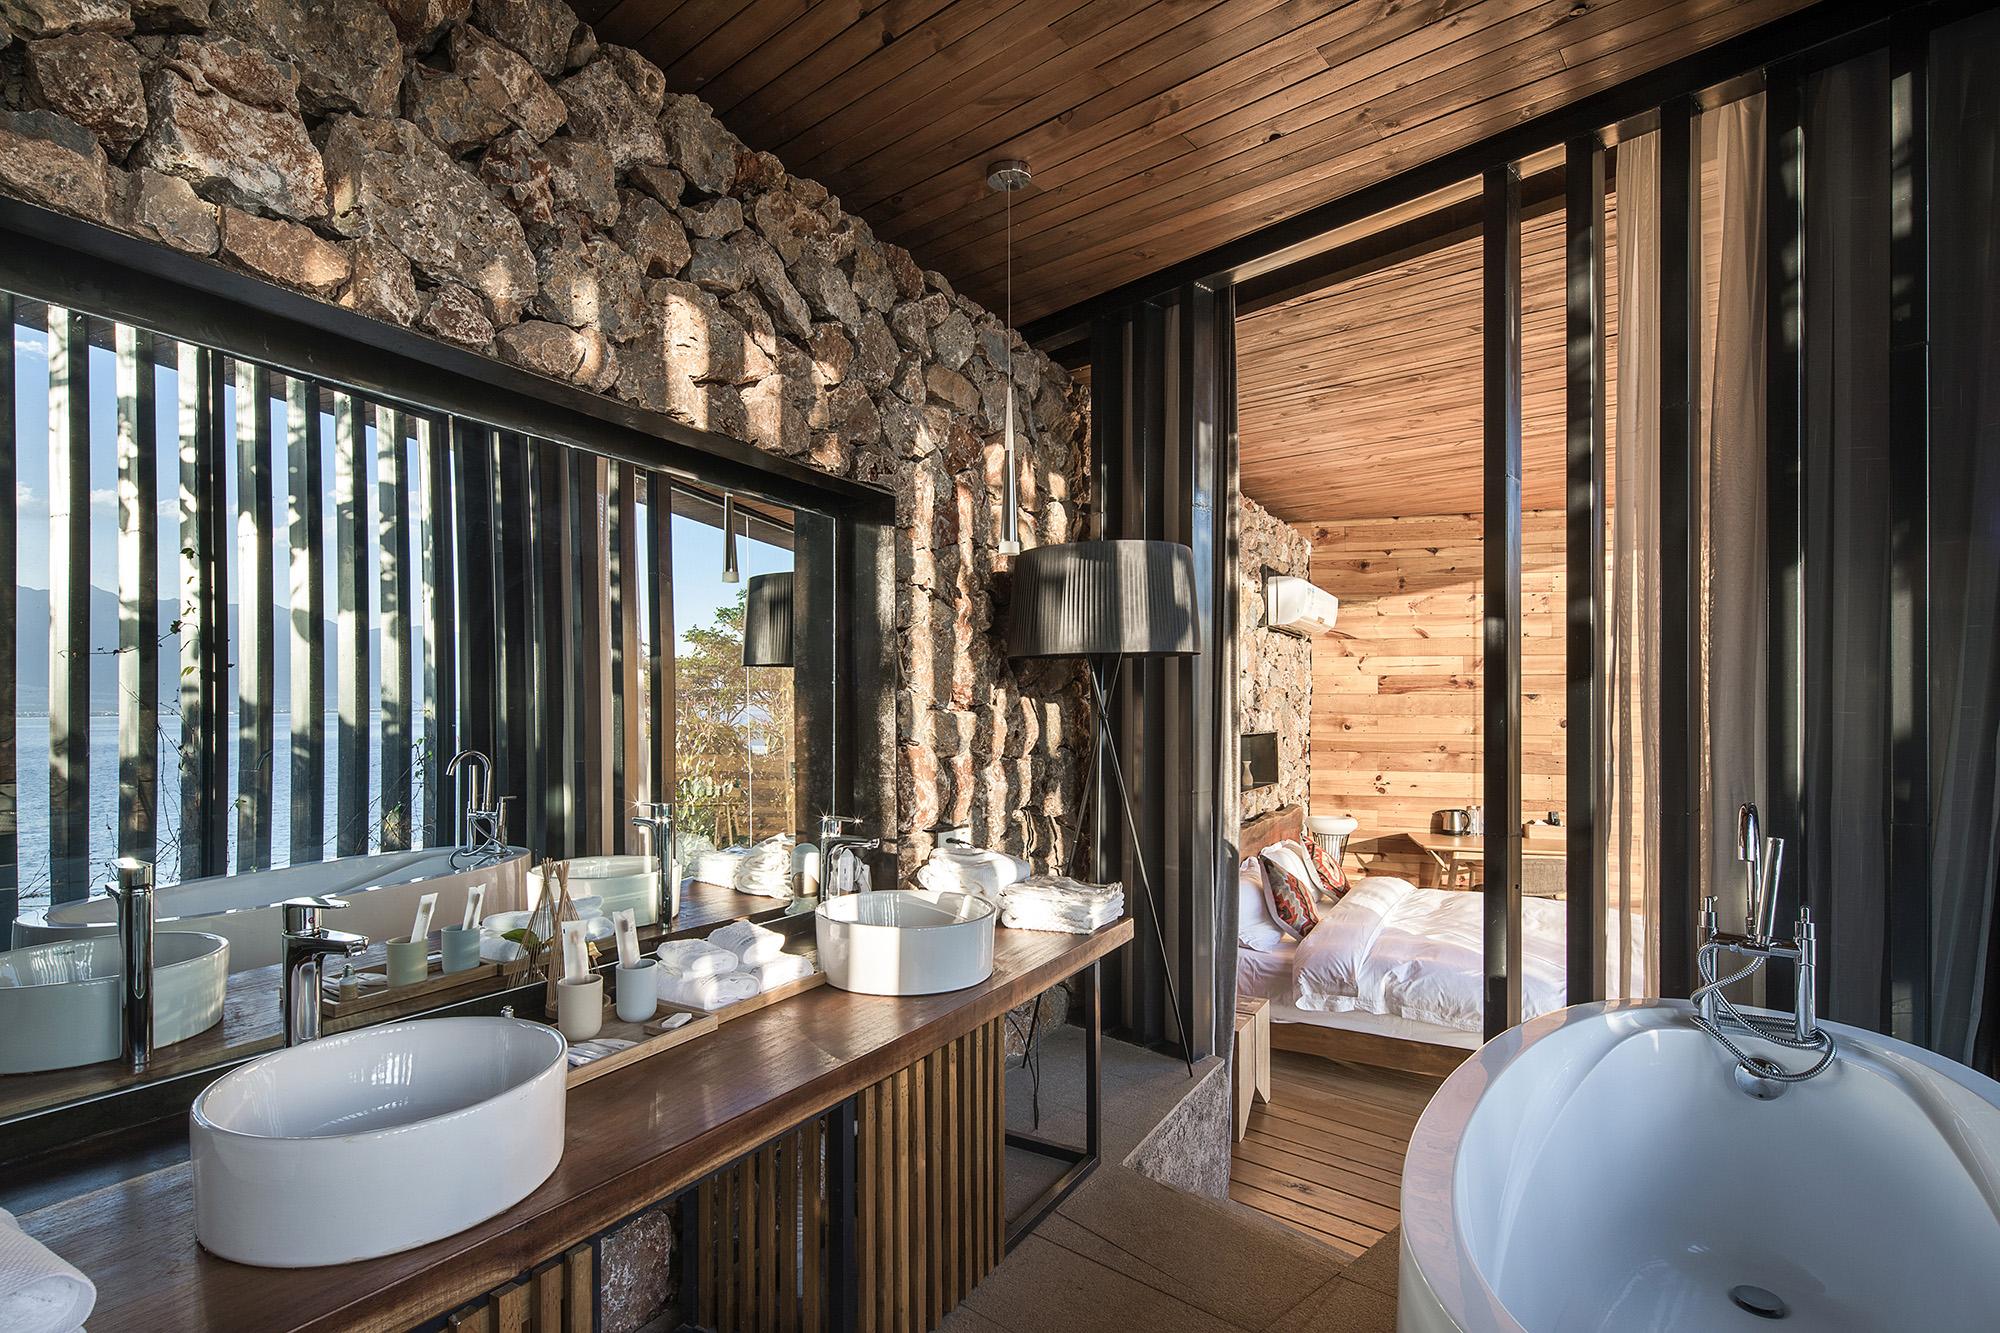 15 小钢屋客房卫生间(存在建筑—建筑摄影)